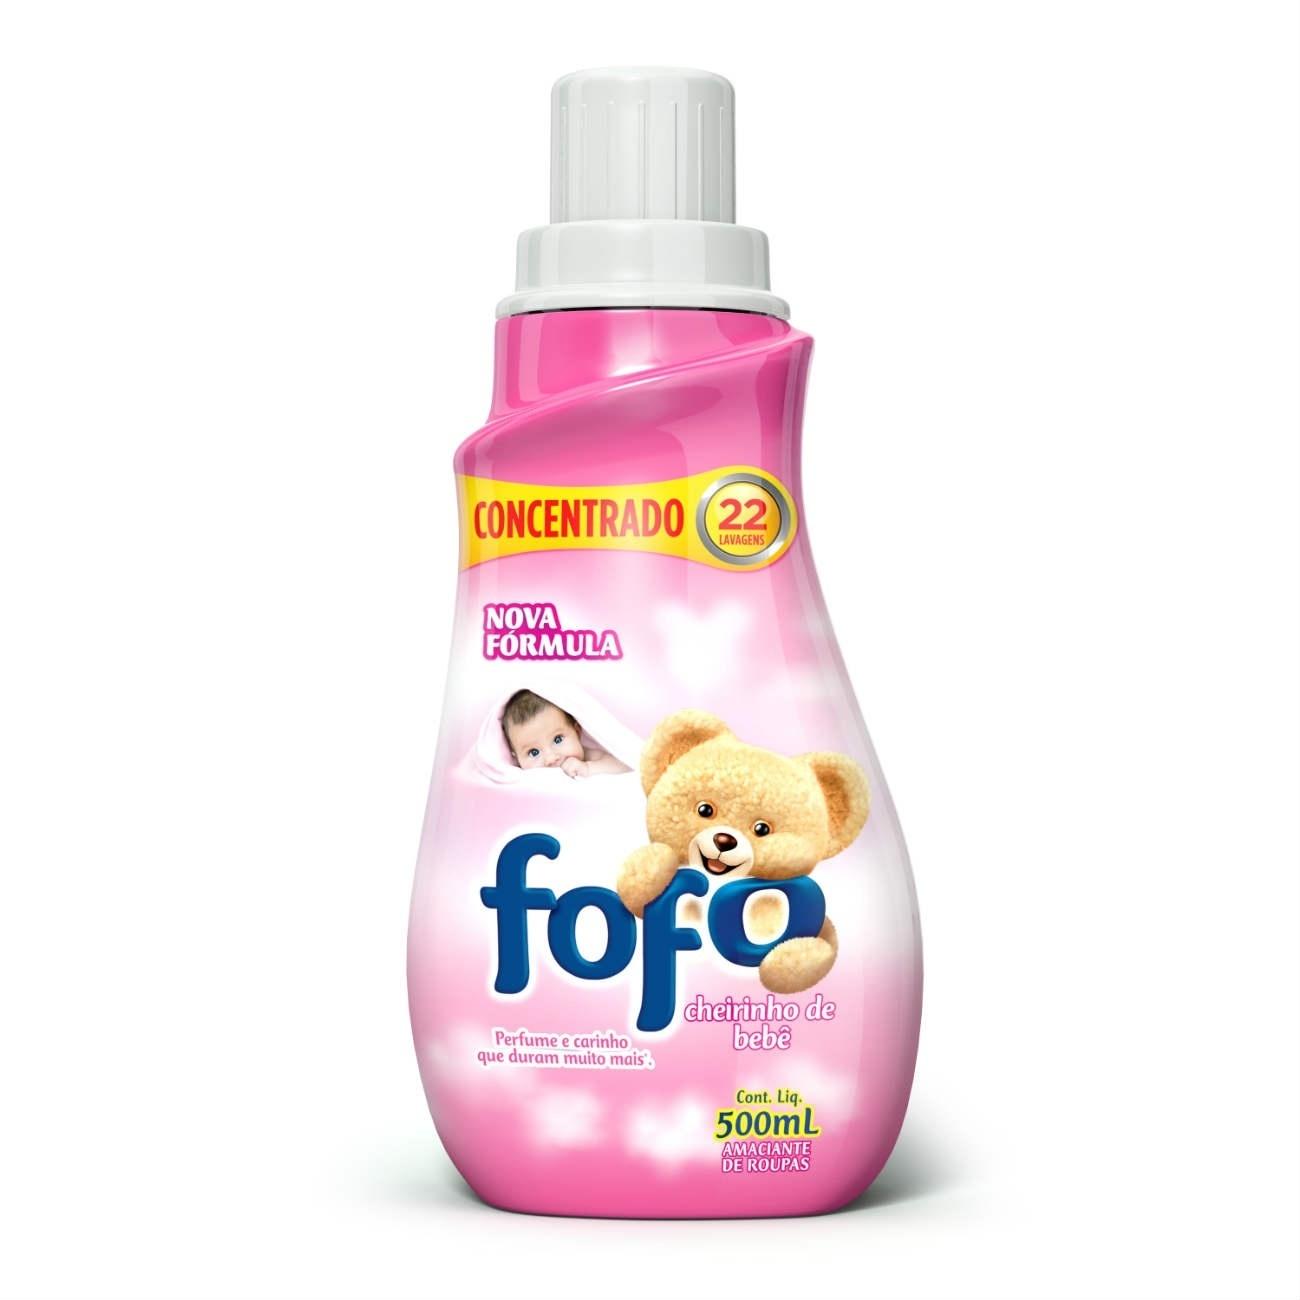 Amaciante Concentrado Fofo Cheirinho De Bebê 500Ml